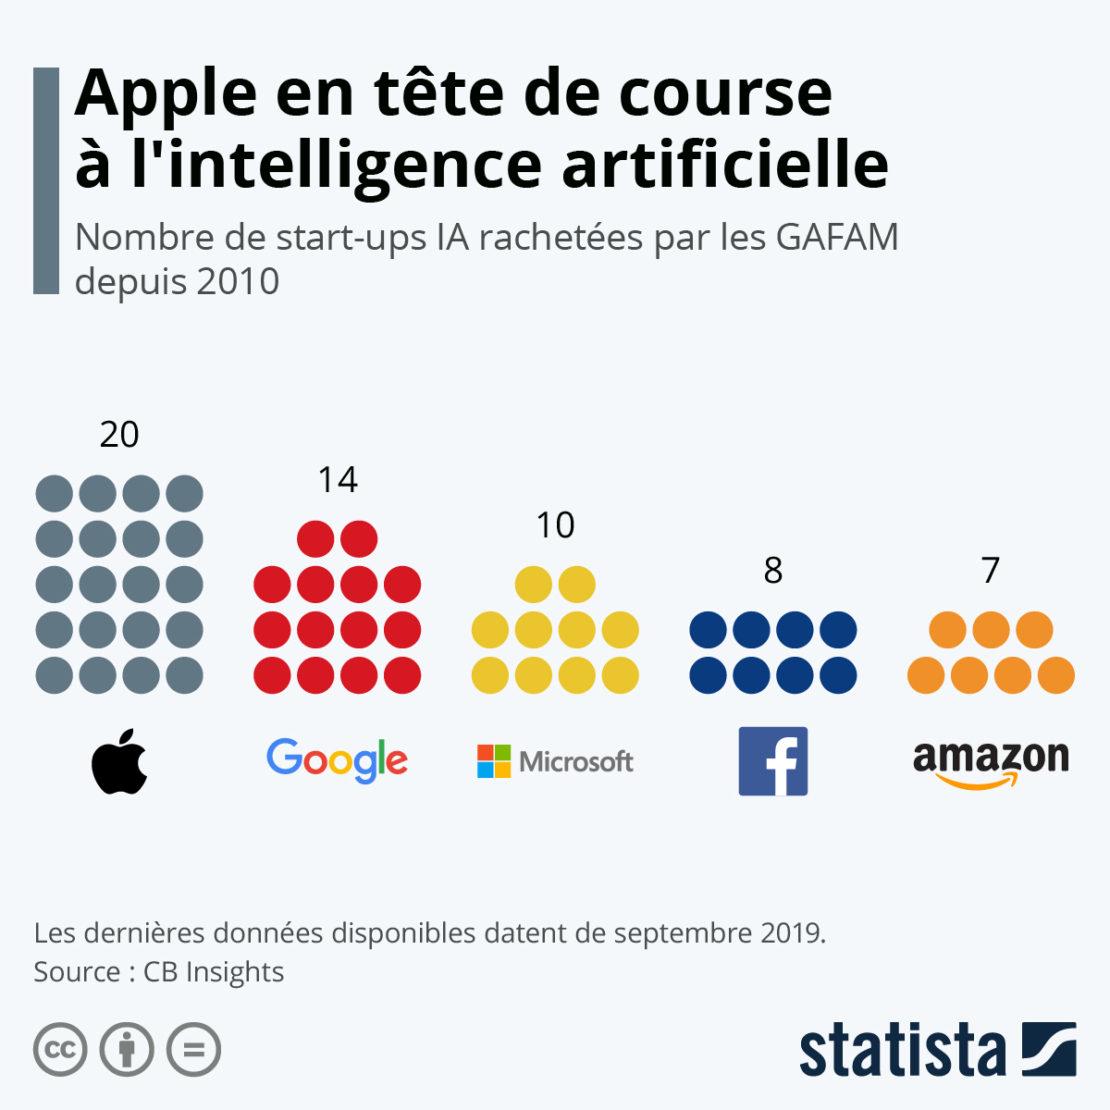 GAFAM et IA, Apple revêt le maillot jaune !